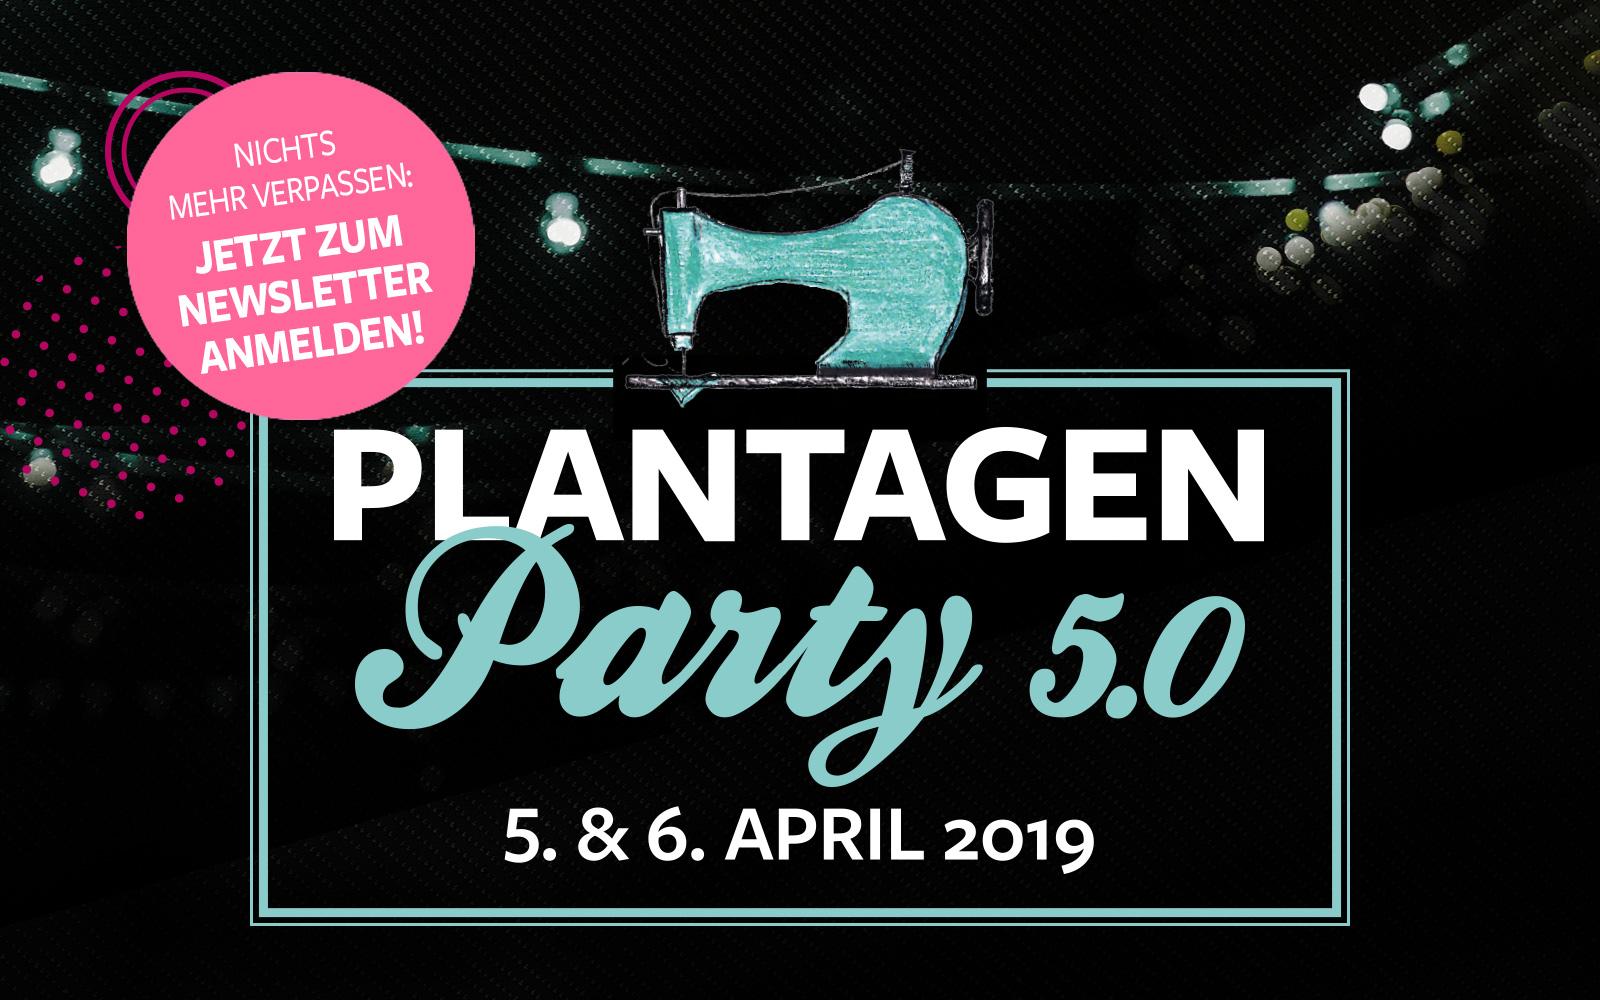 Plantagenparty - Anmeldung Newsletter